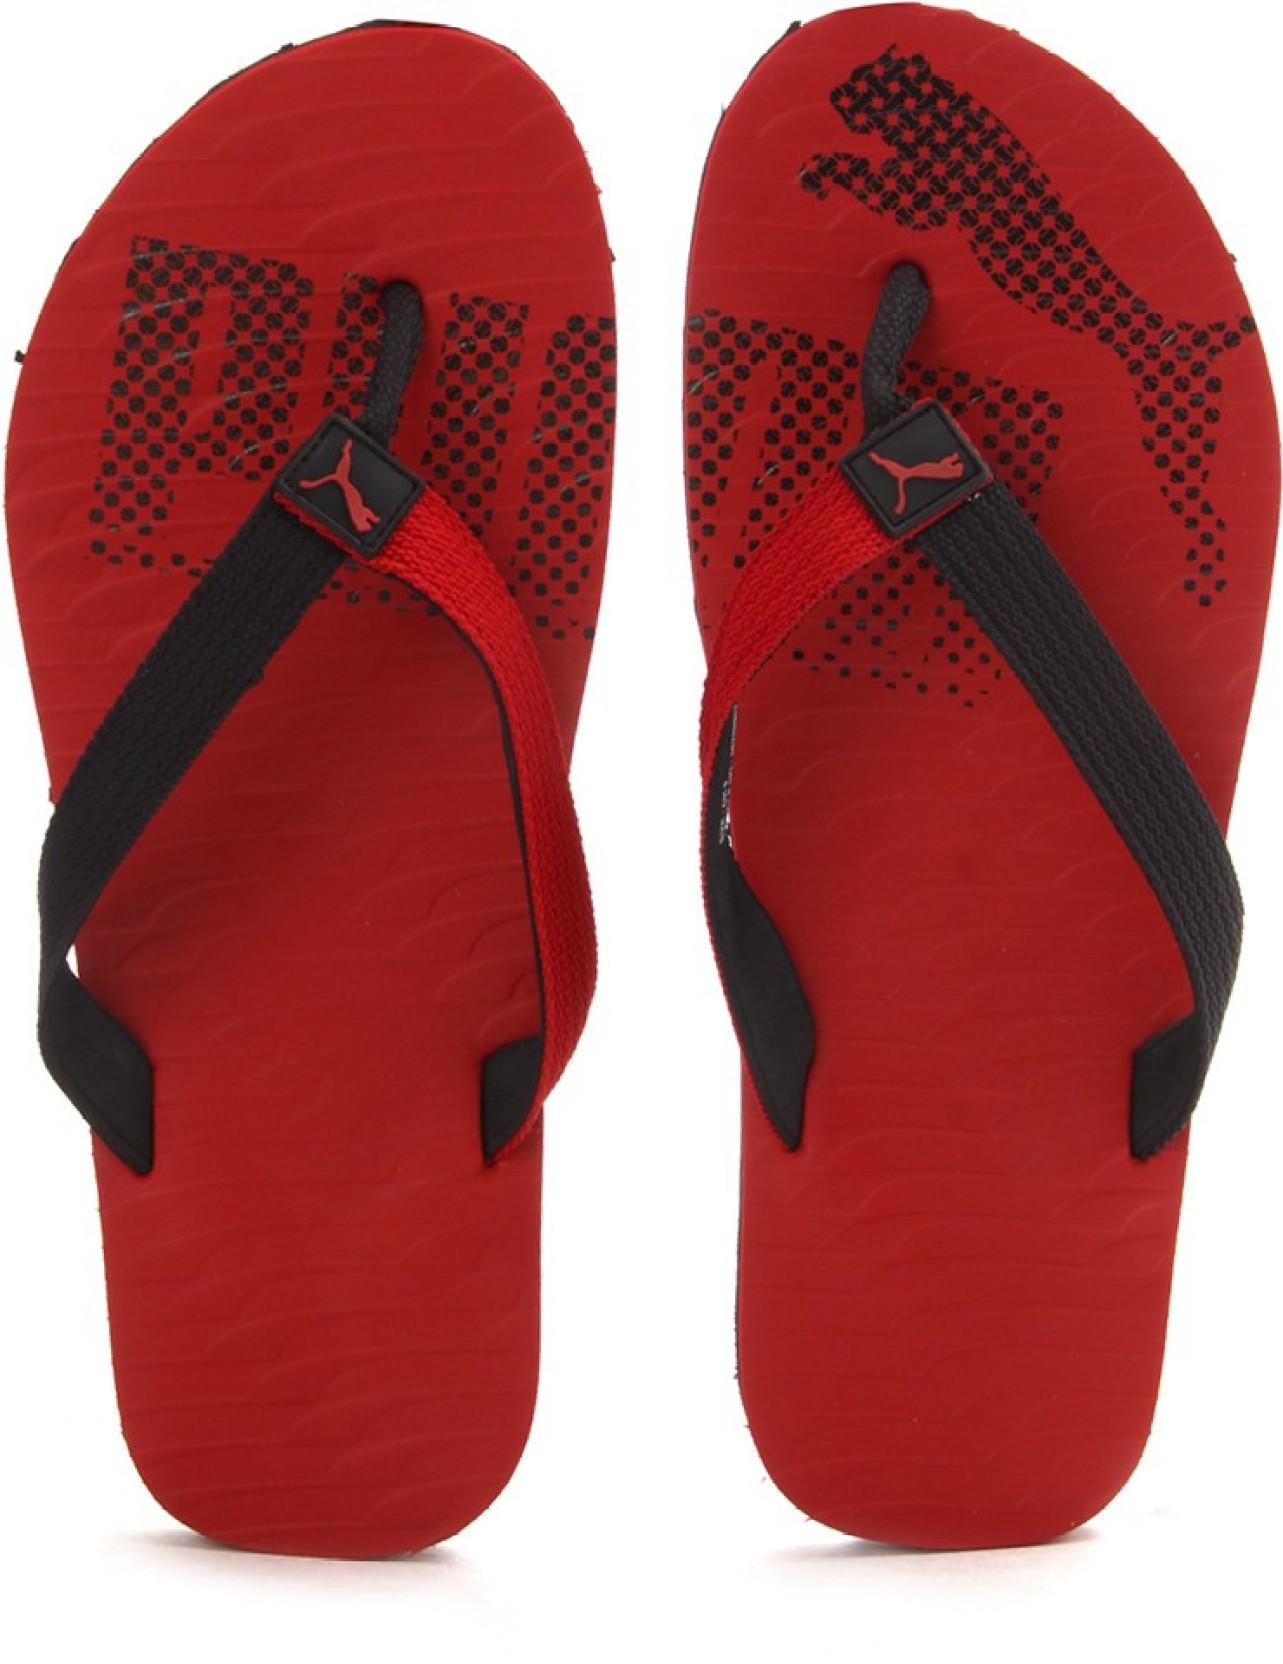 a21093ceeef9b7 Puma Miami Fashion II DP Flip Flops. ON OFFER. Home · Footwear · Men s  Footwear